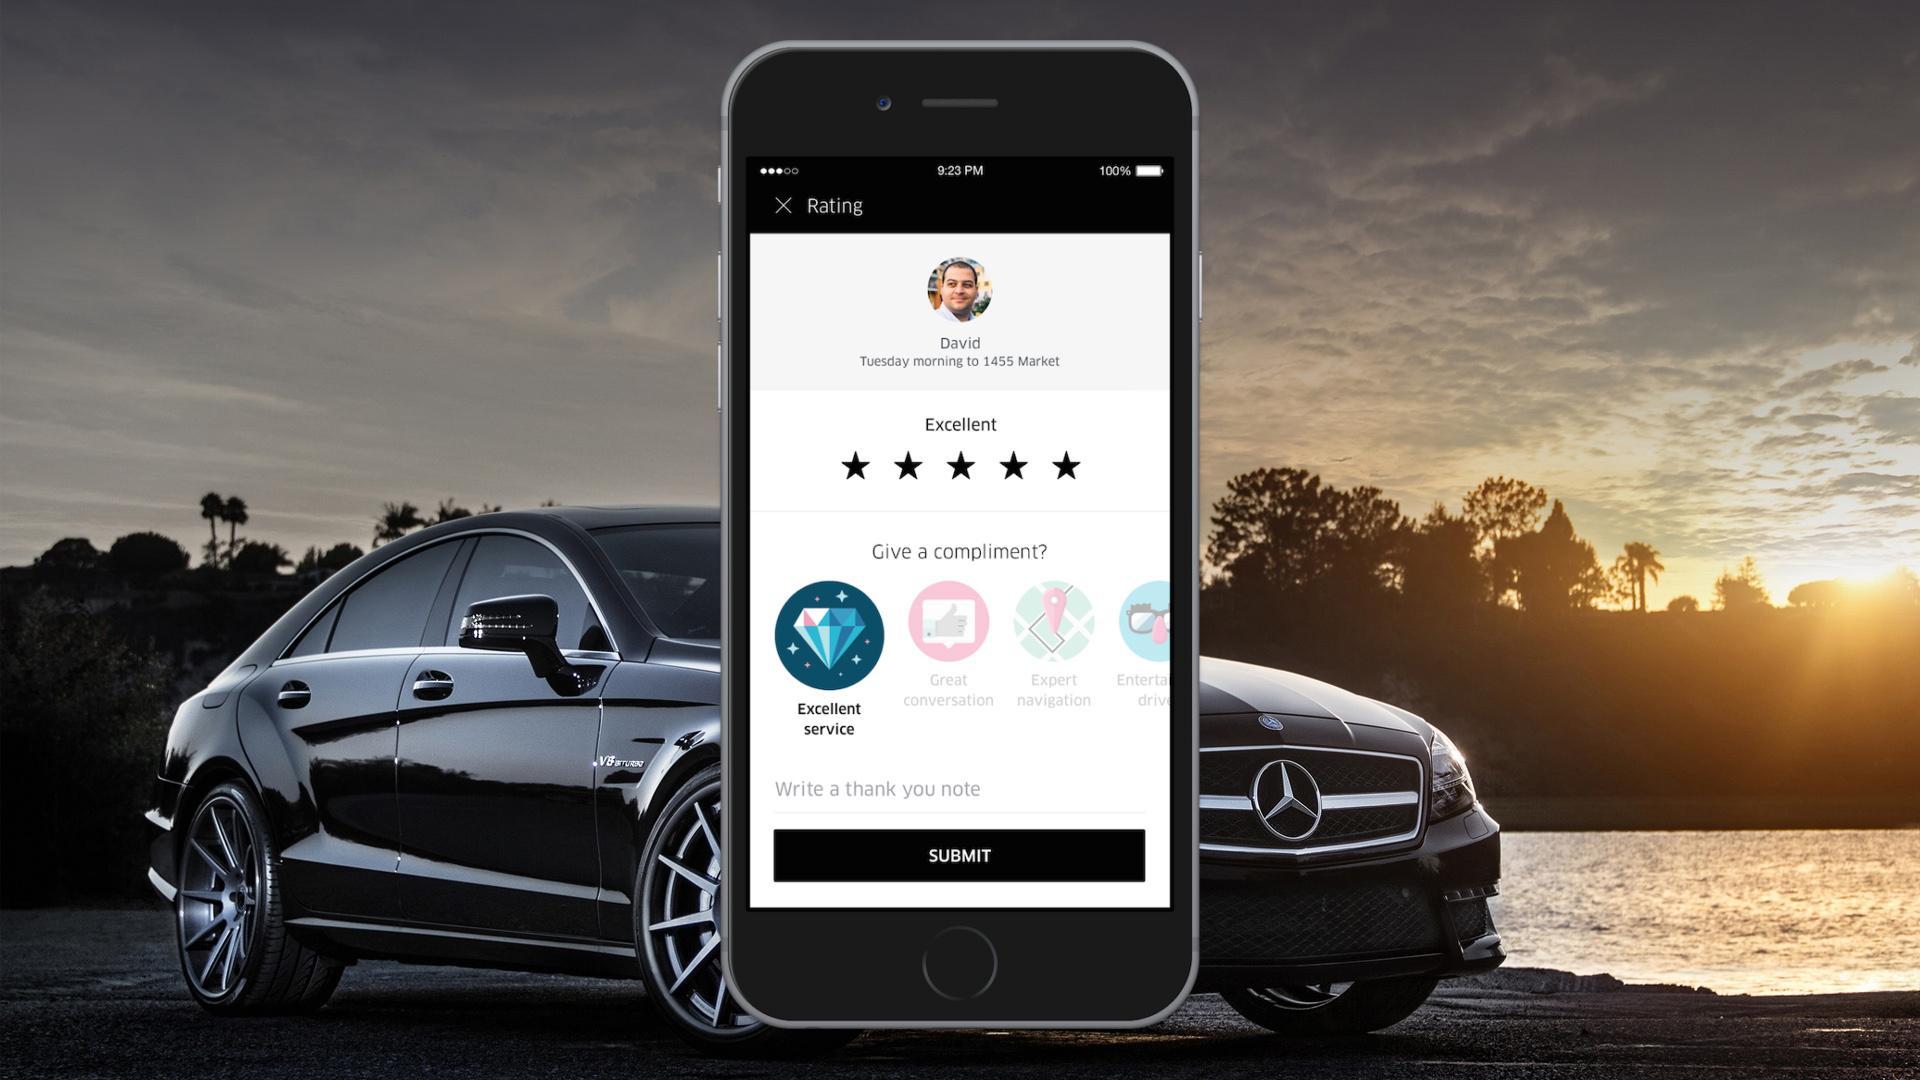 Uber ahora permite agradecer al conductor con stickers